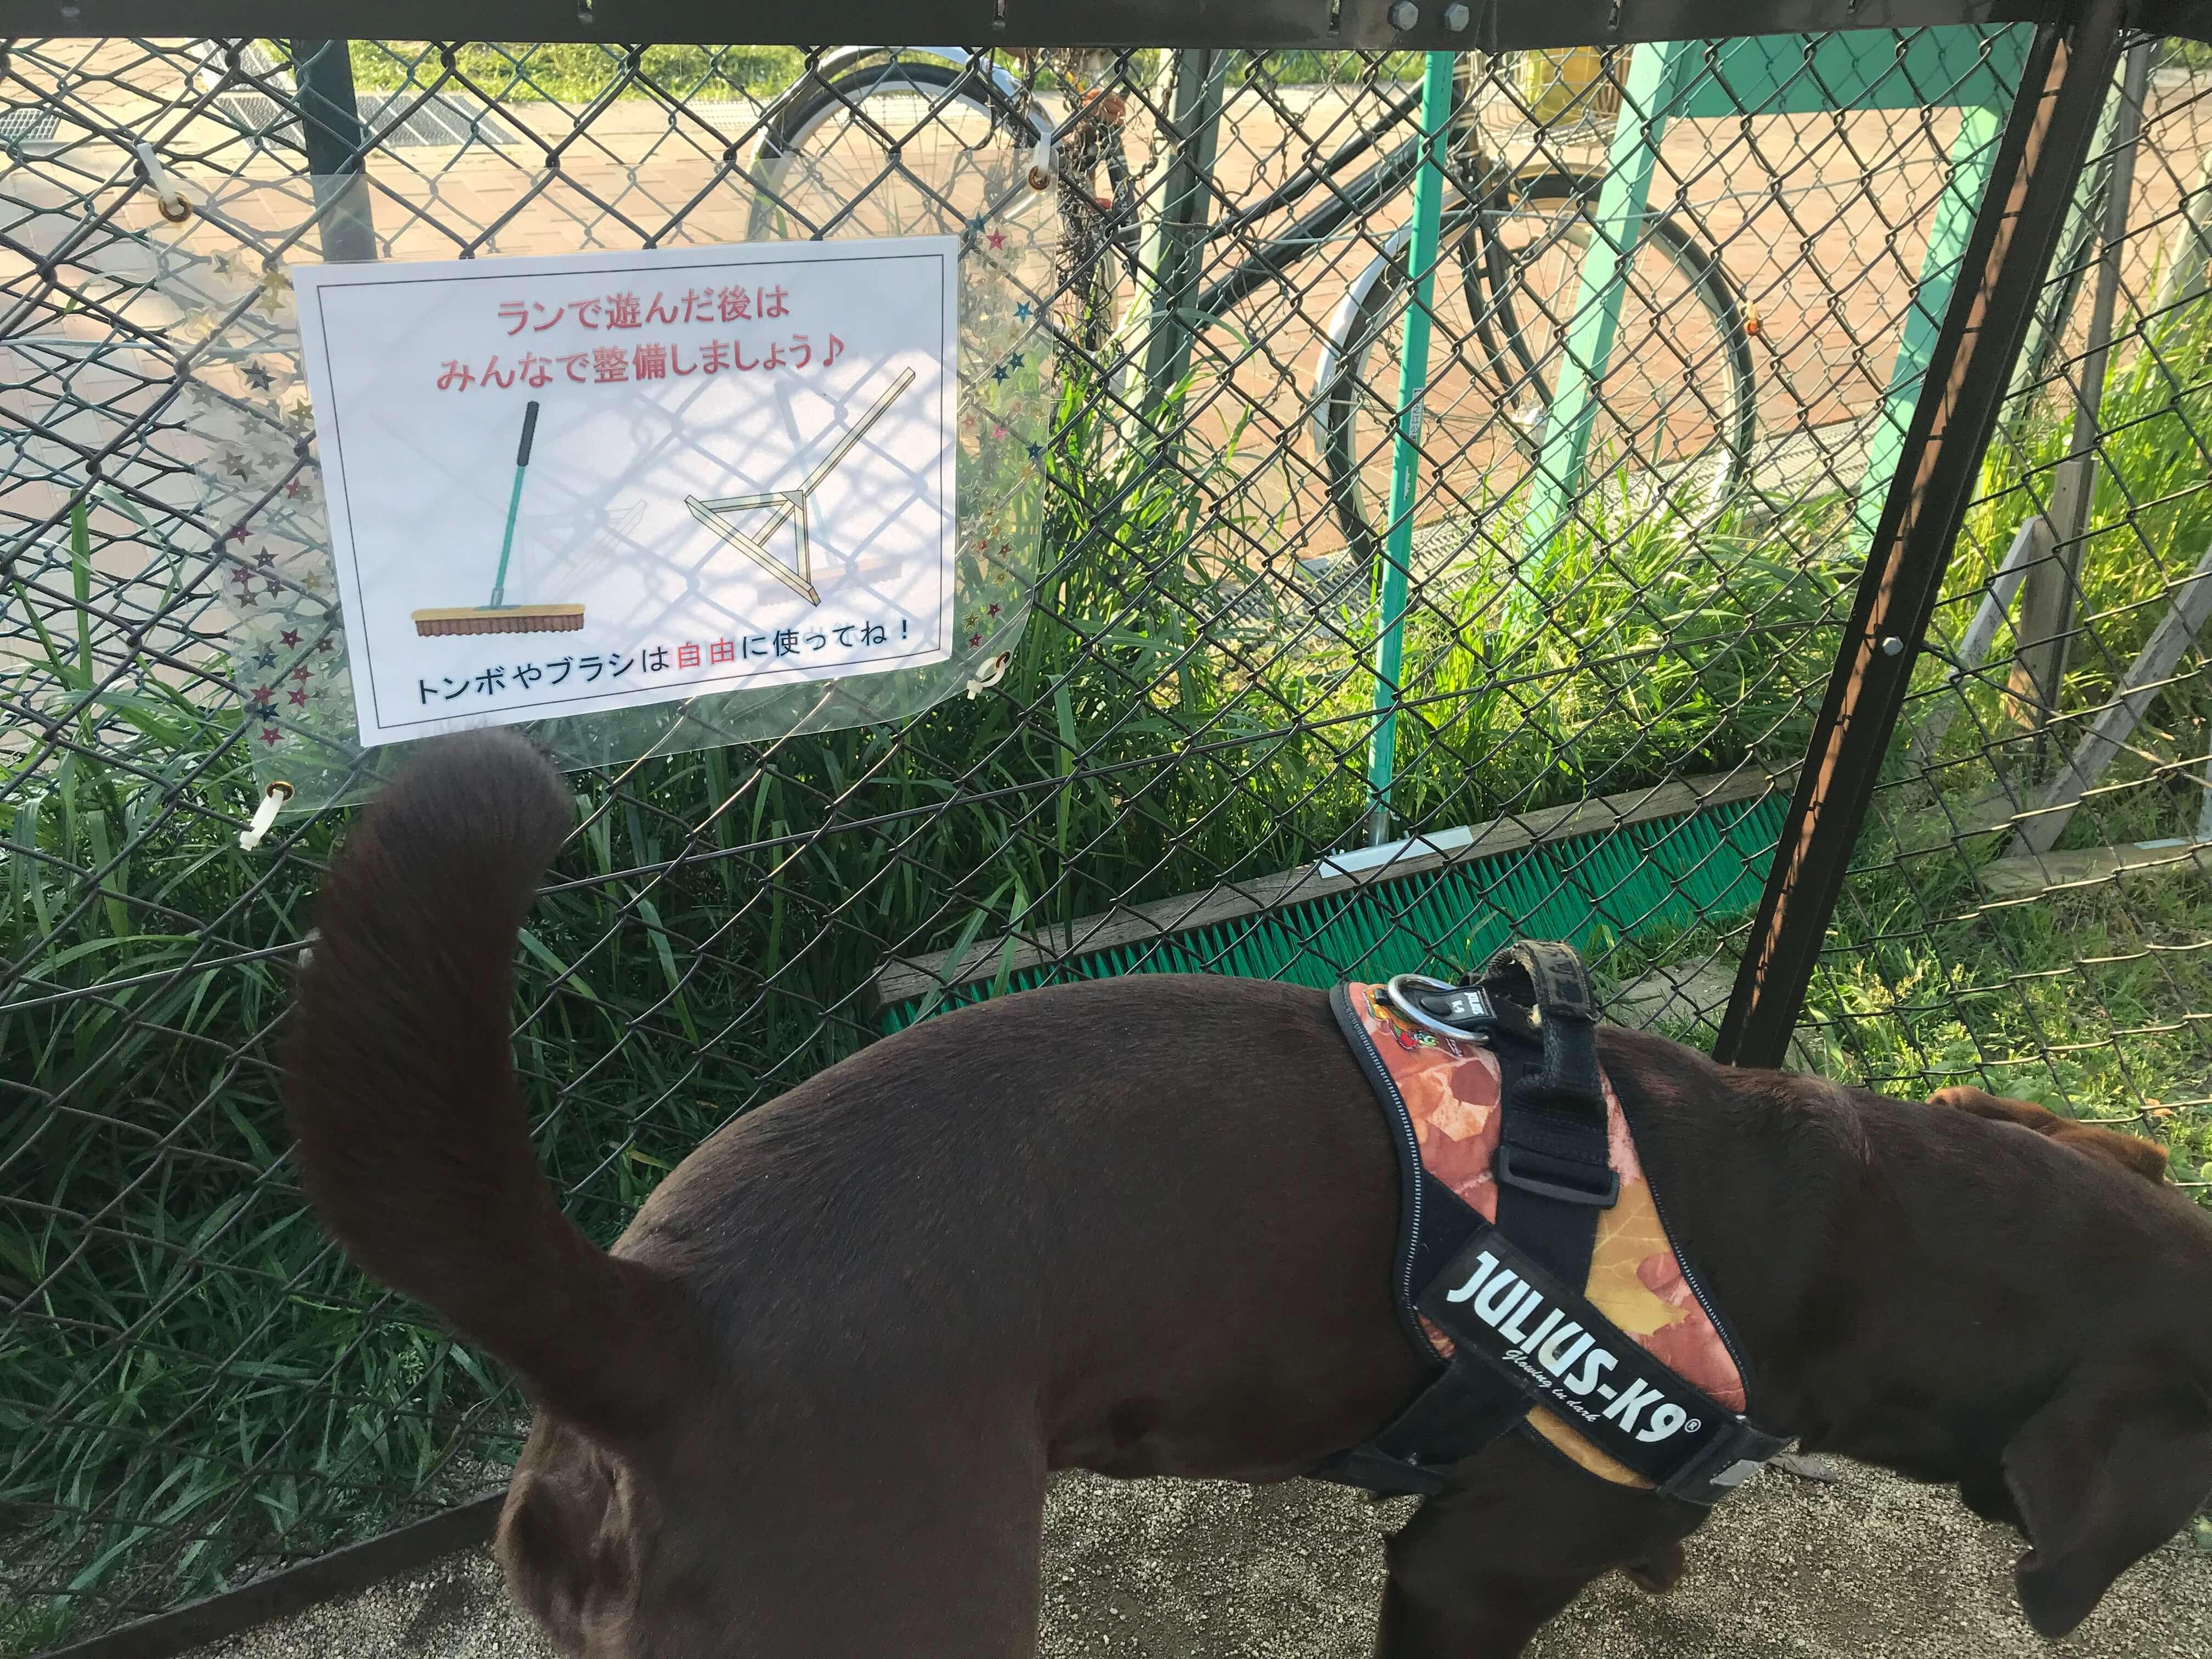 住之江公園ドッグランのマナーPOP ラブラドールレトリバー